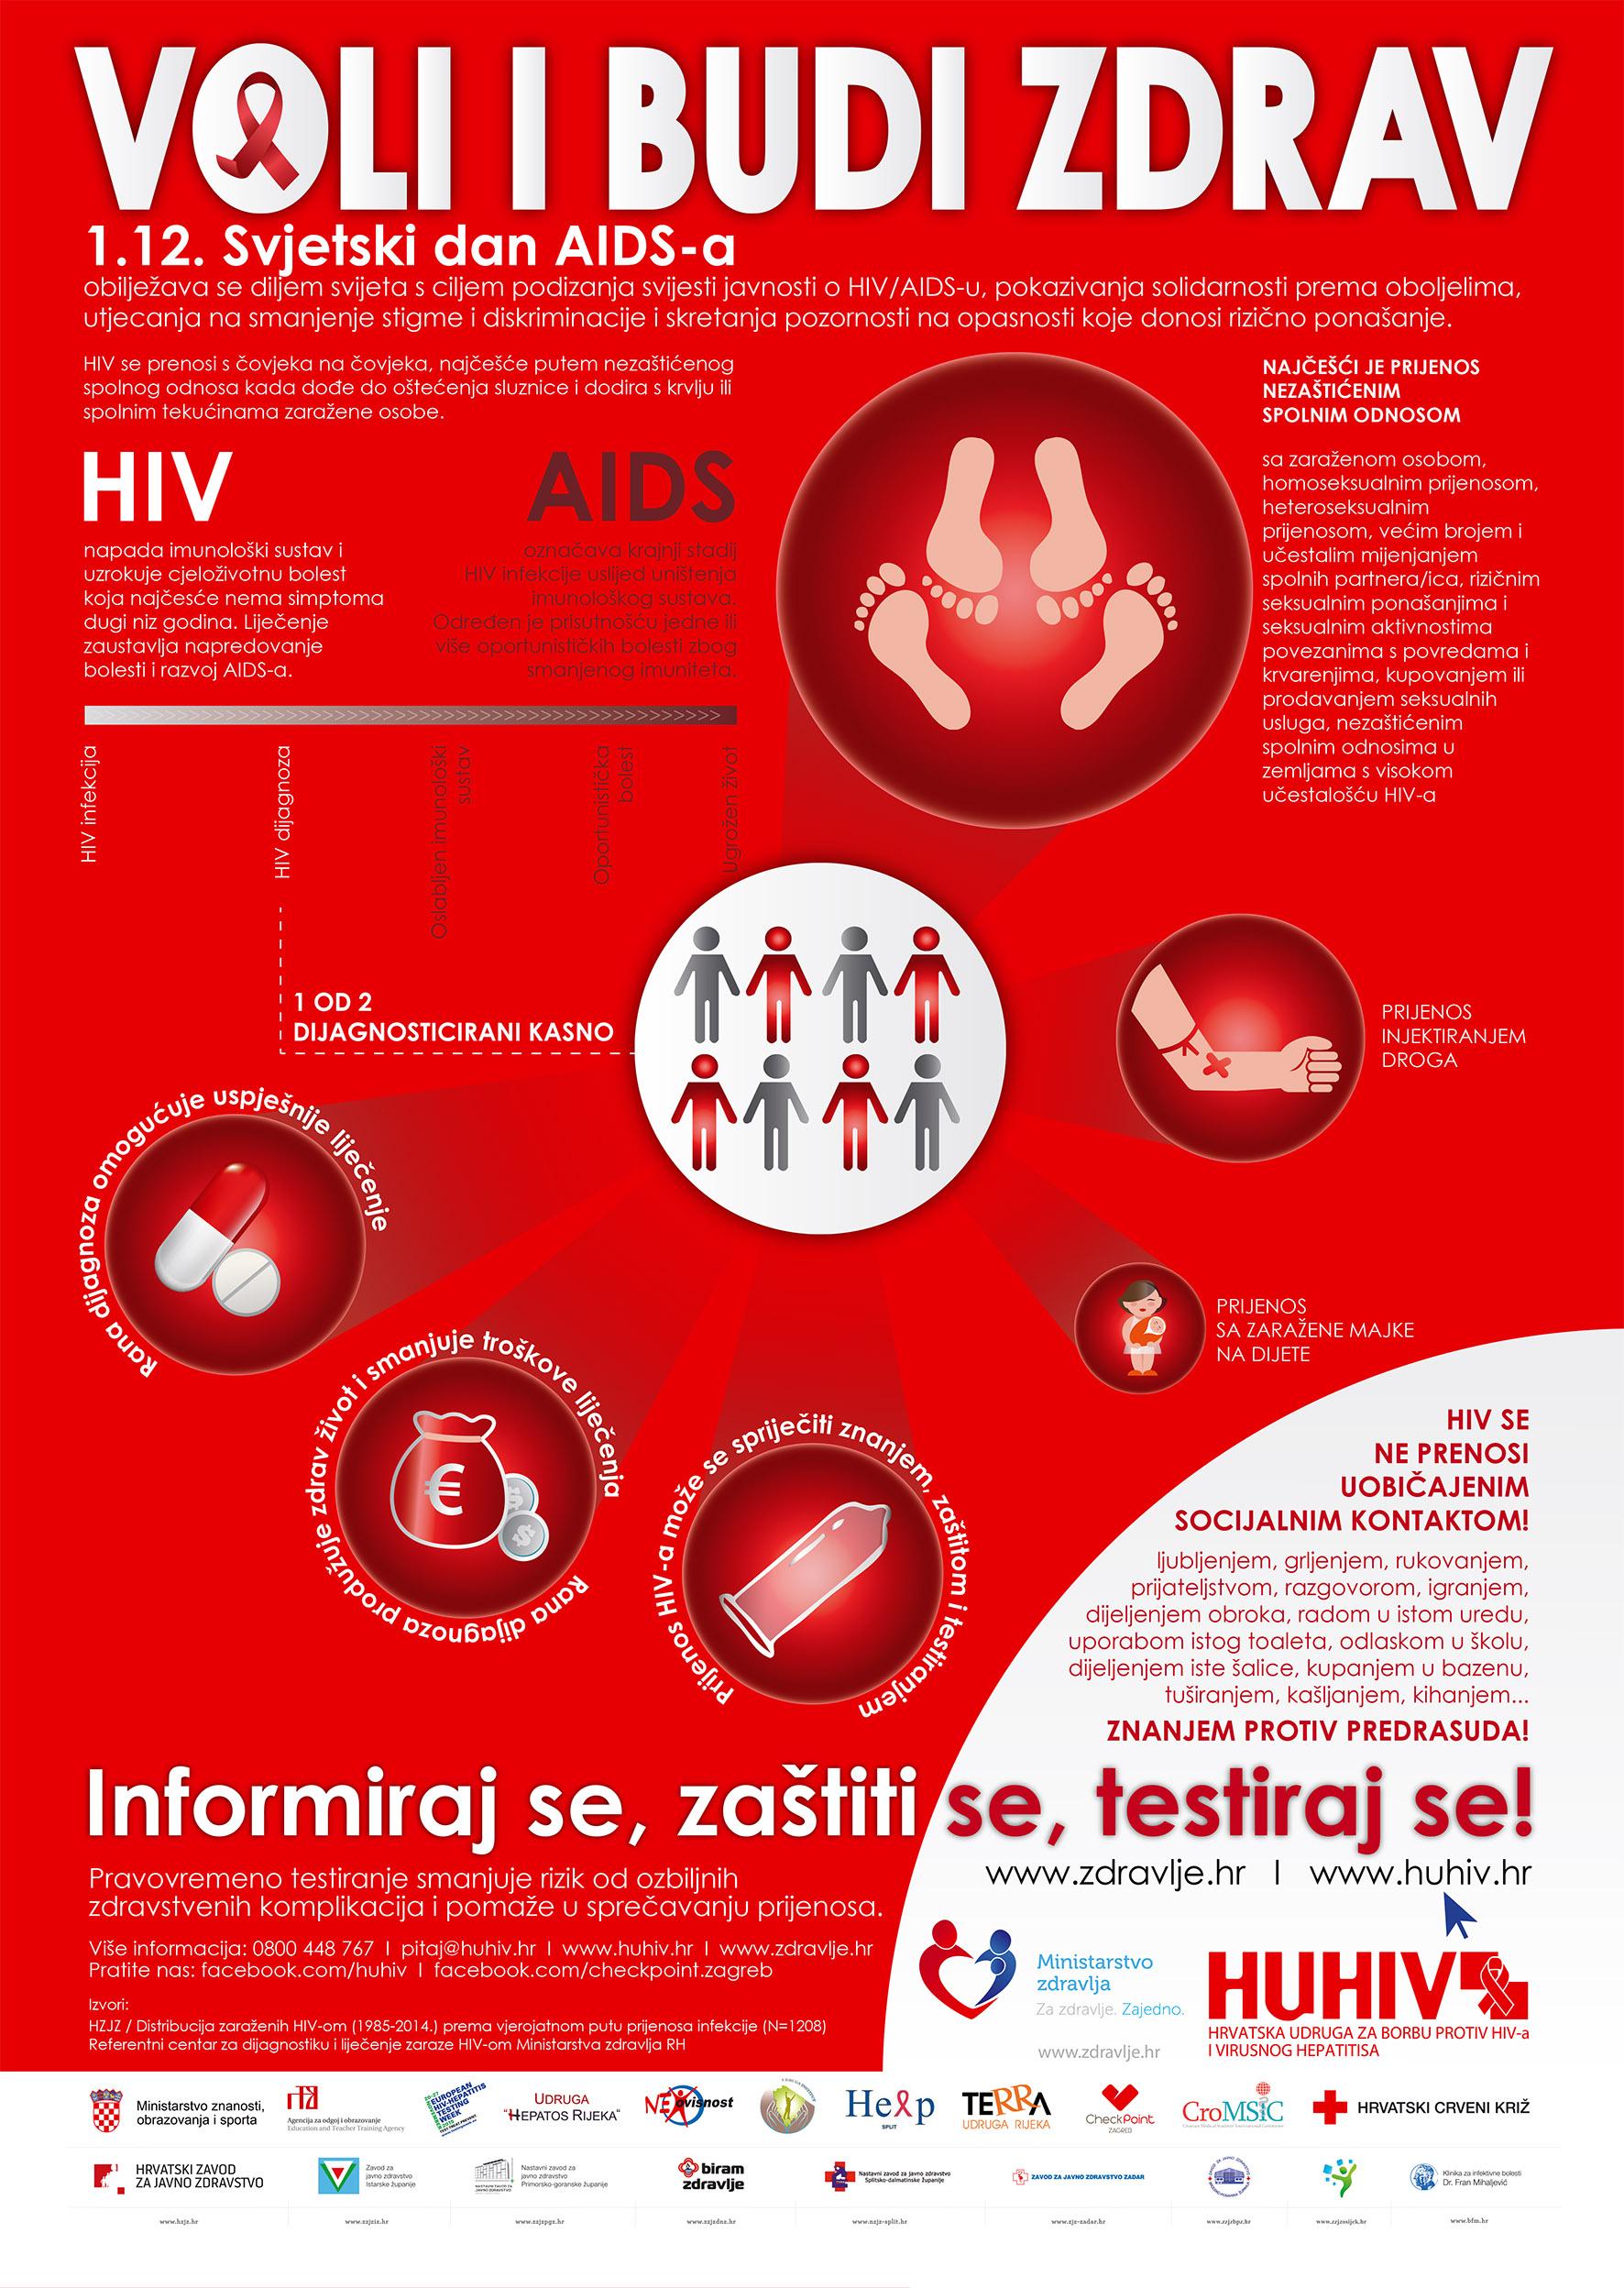 HUHIV Svjetski dan AIDSa